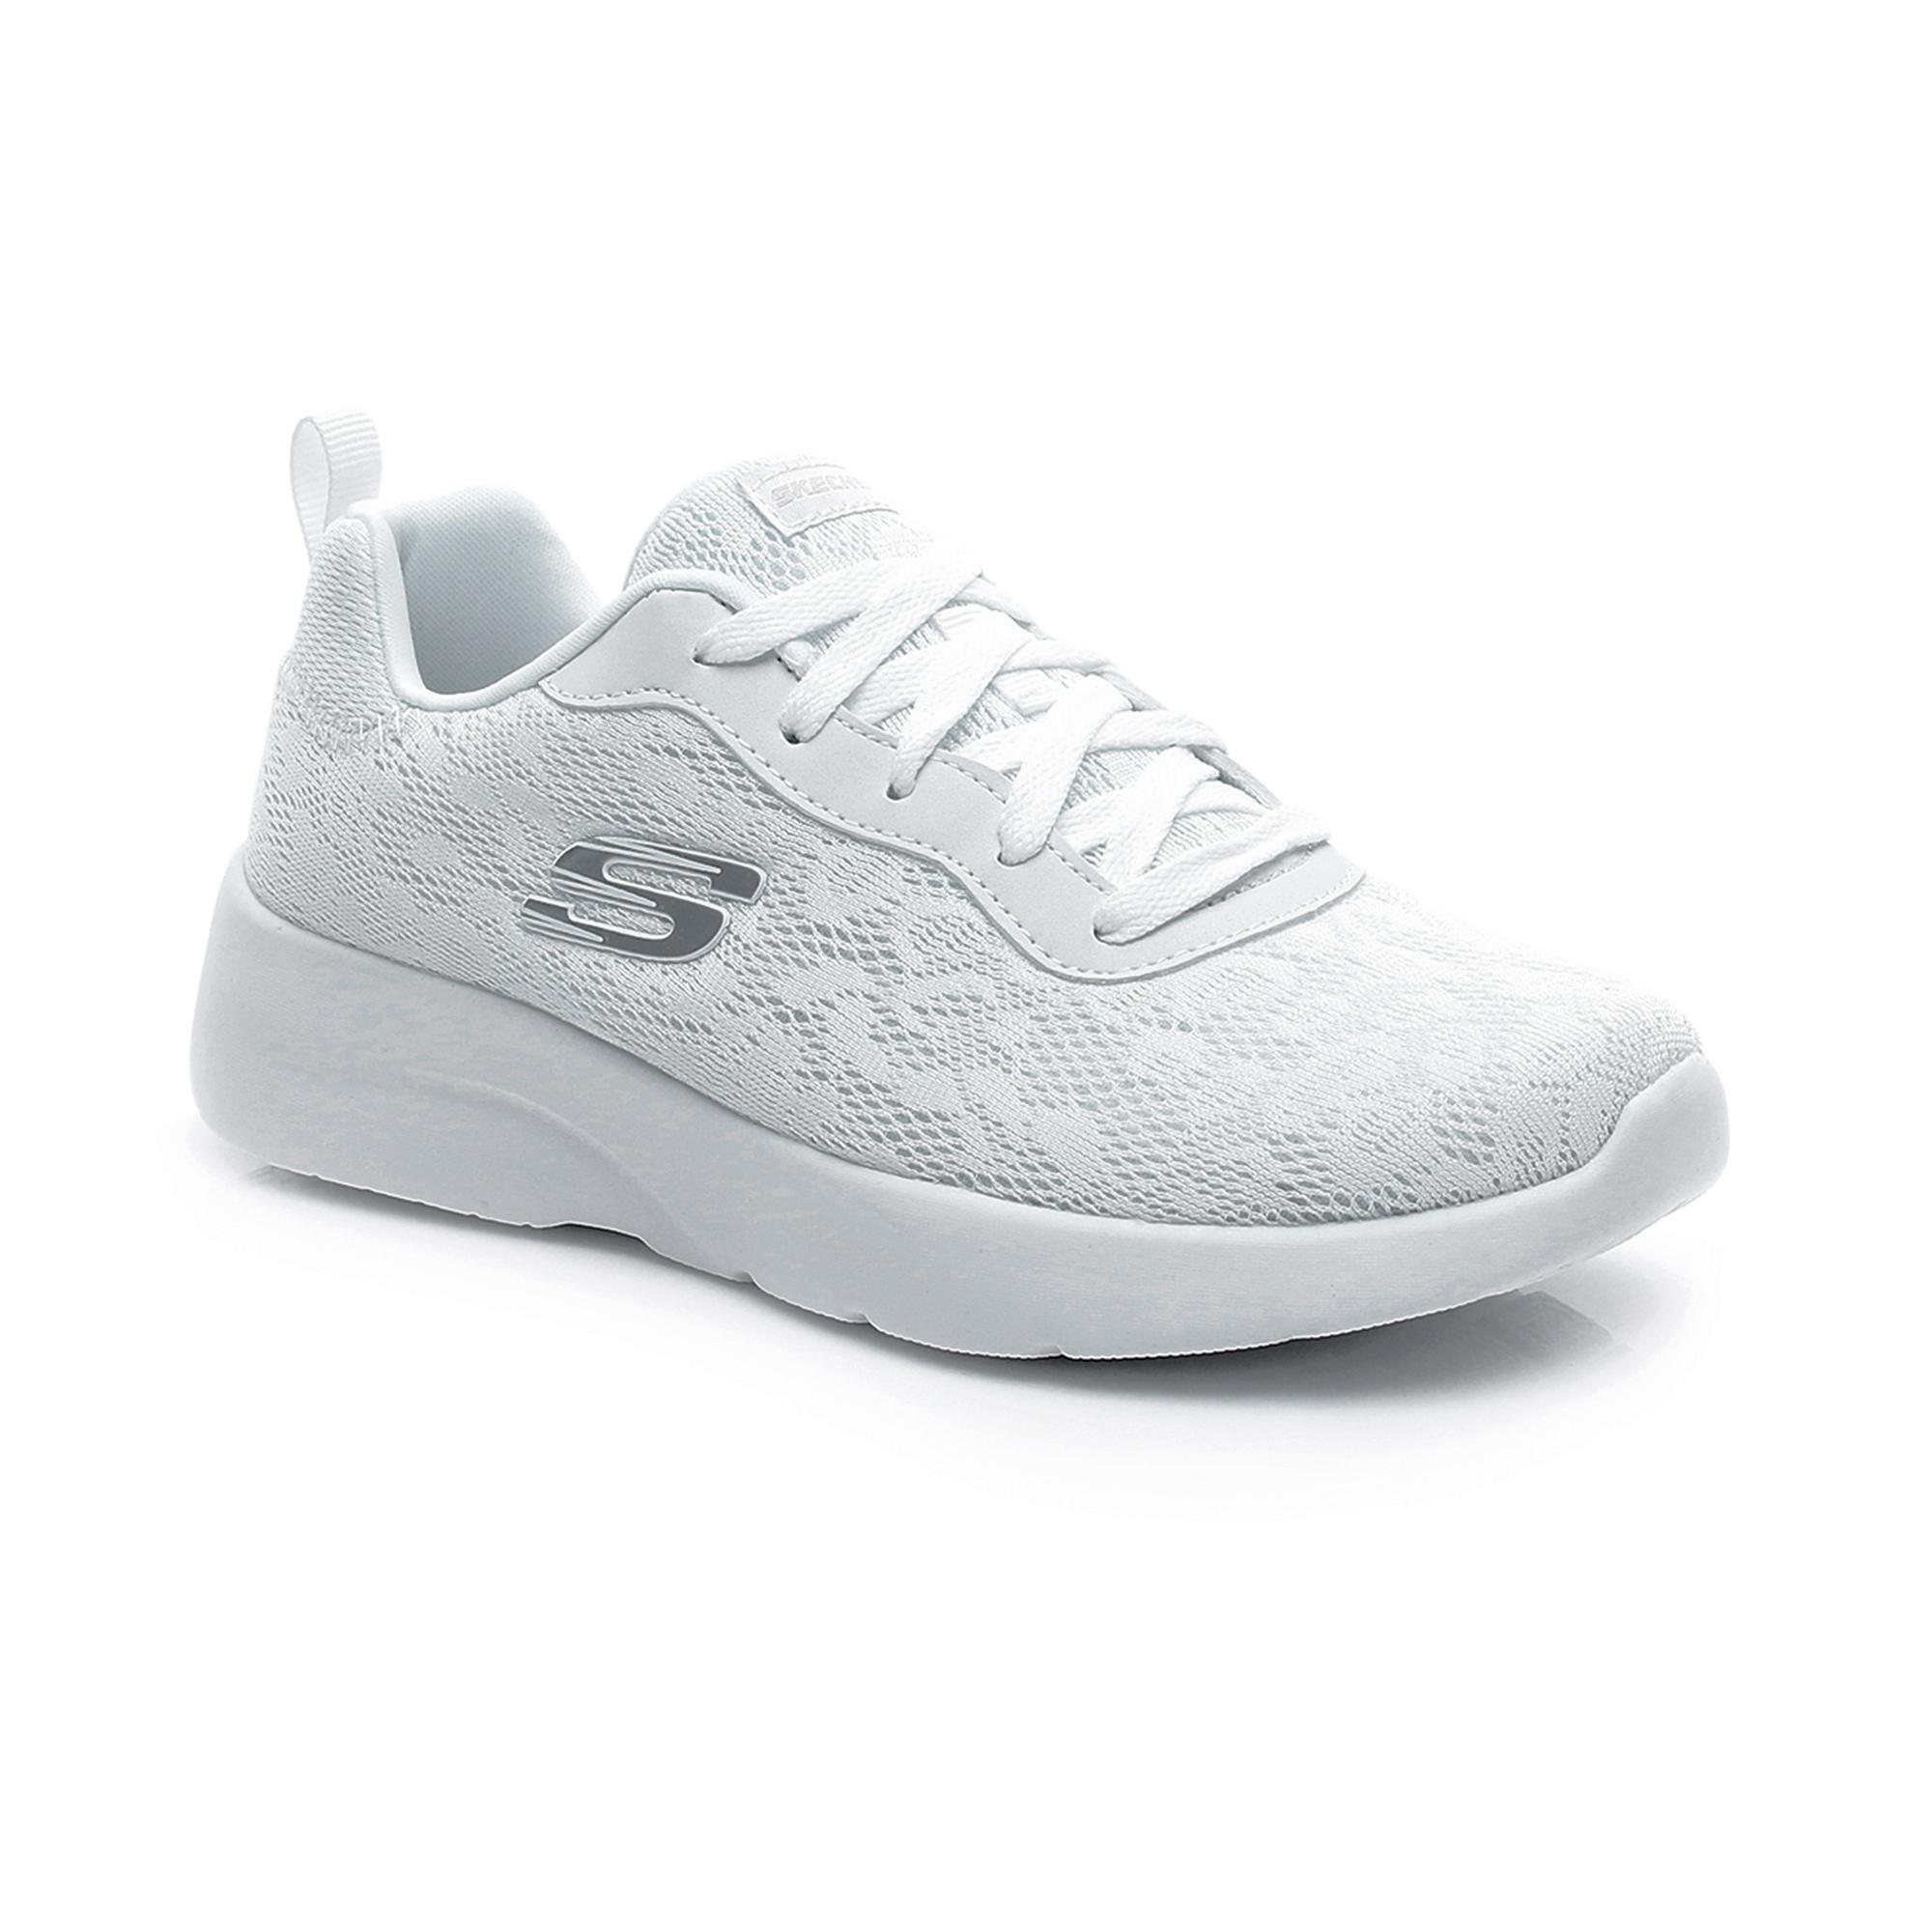 Skechers Dynamight 2.0-Homespun Kadın Beyaz Spor Ayakkabı